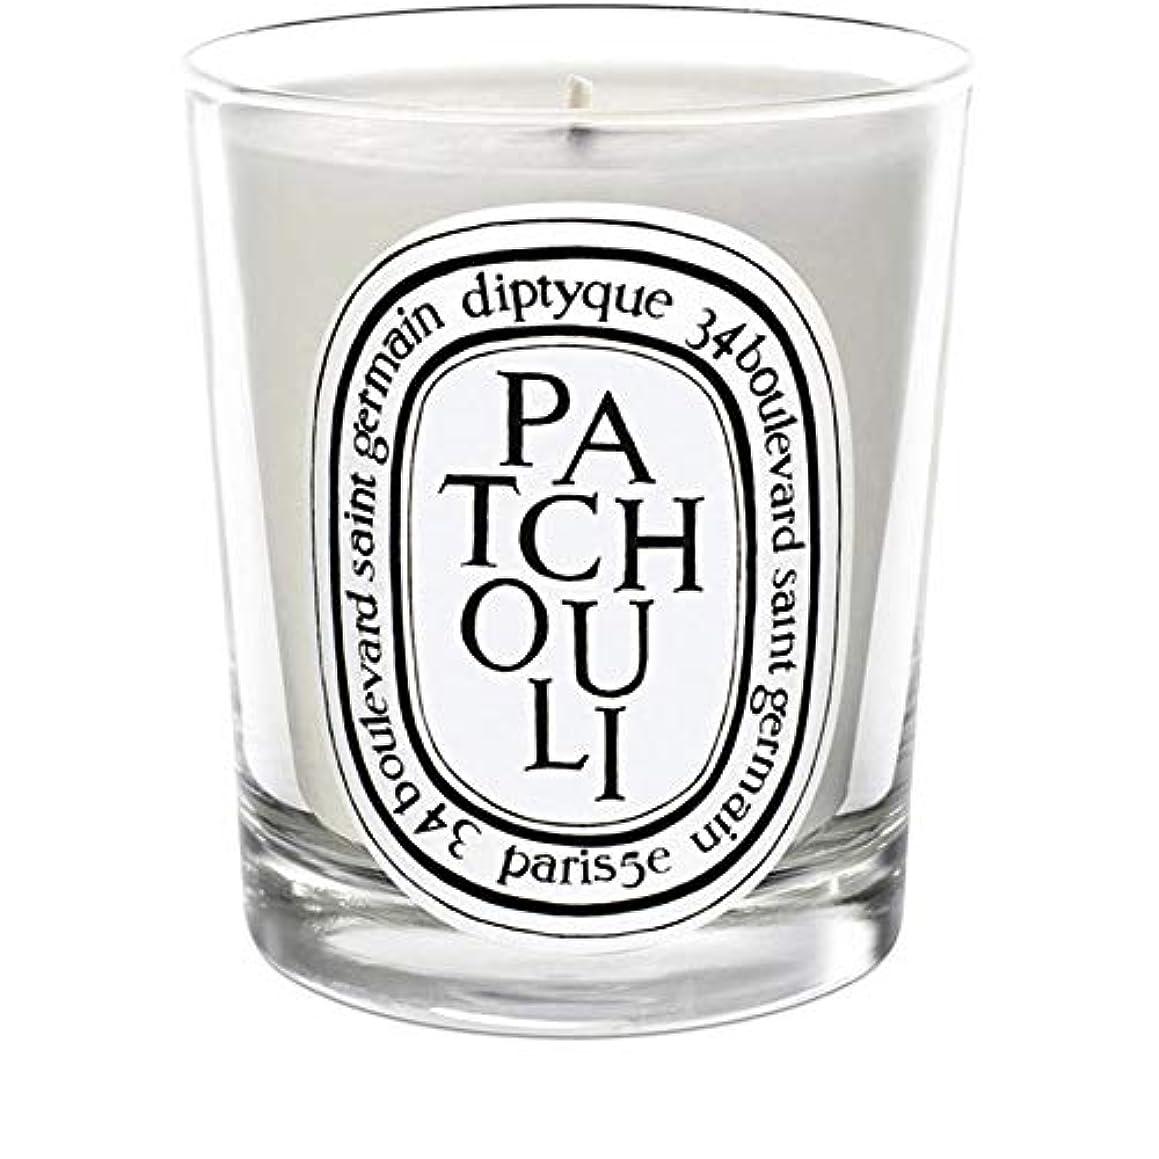 履歴書ハンカチ二層[Diptyque] Diptyqueのパチョリミニ香りのキャンドル70グラム - Diptyque Patchouli Mini Scented Candle 70g [並行輸入品]